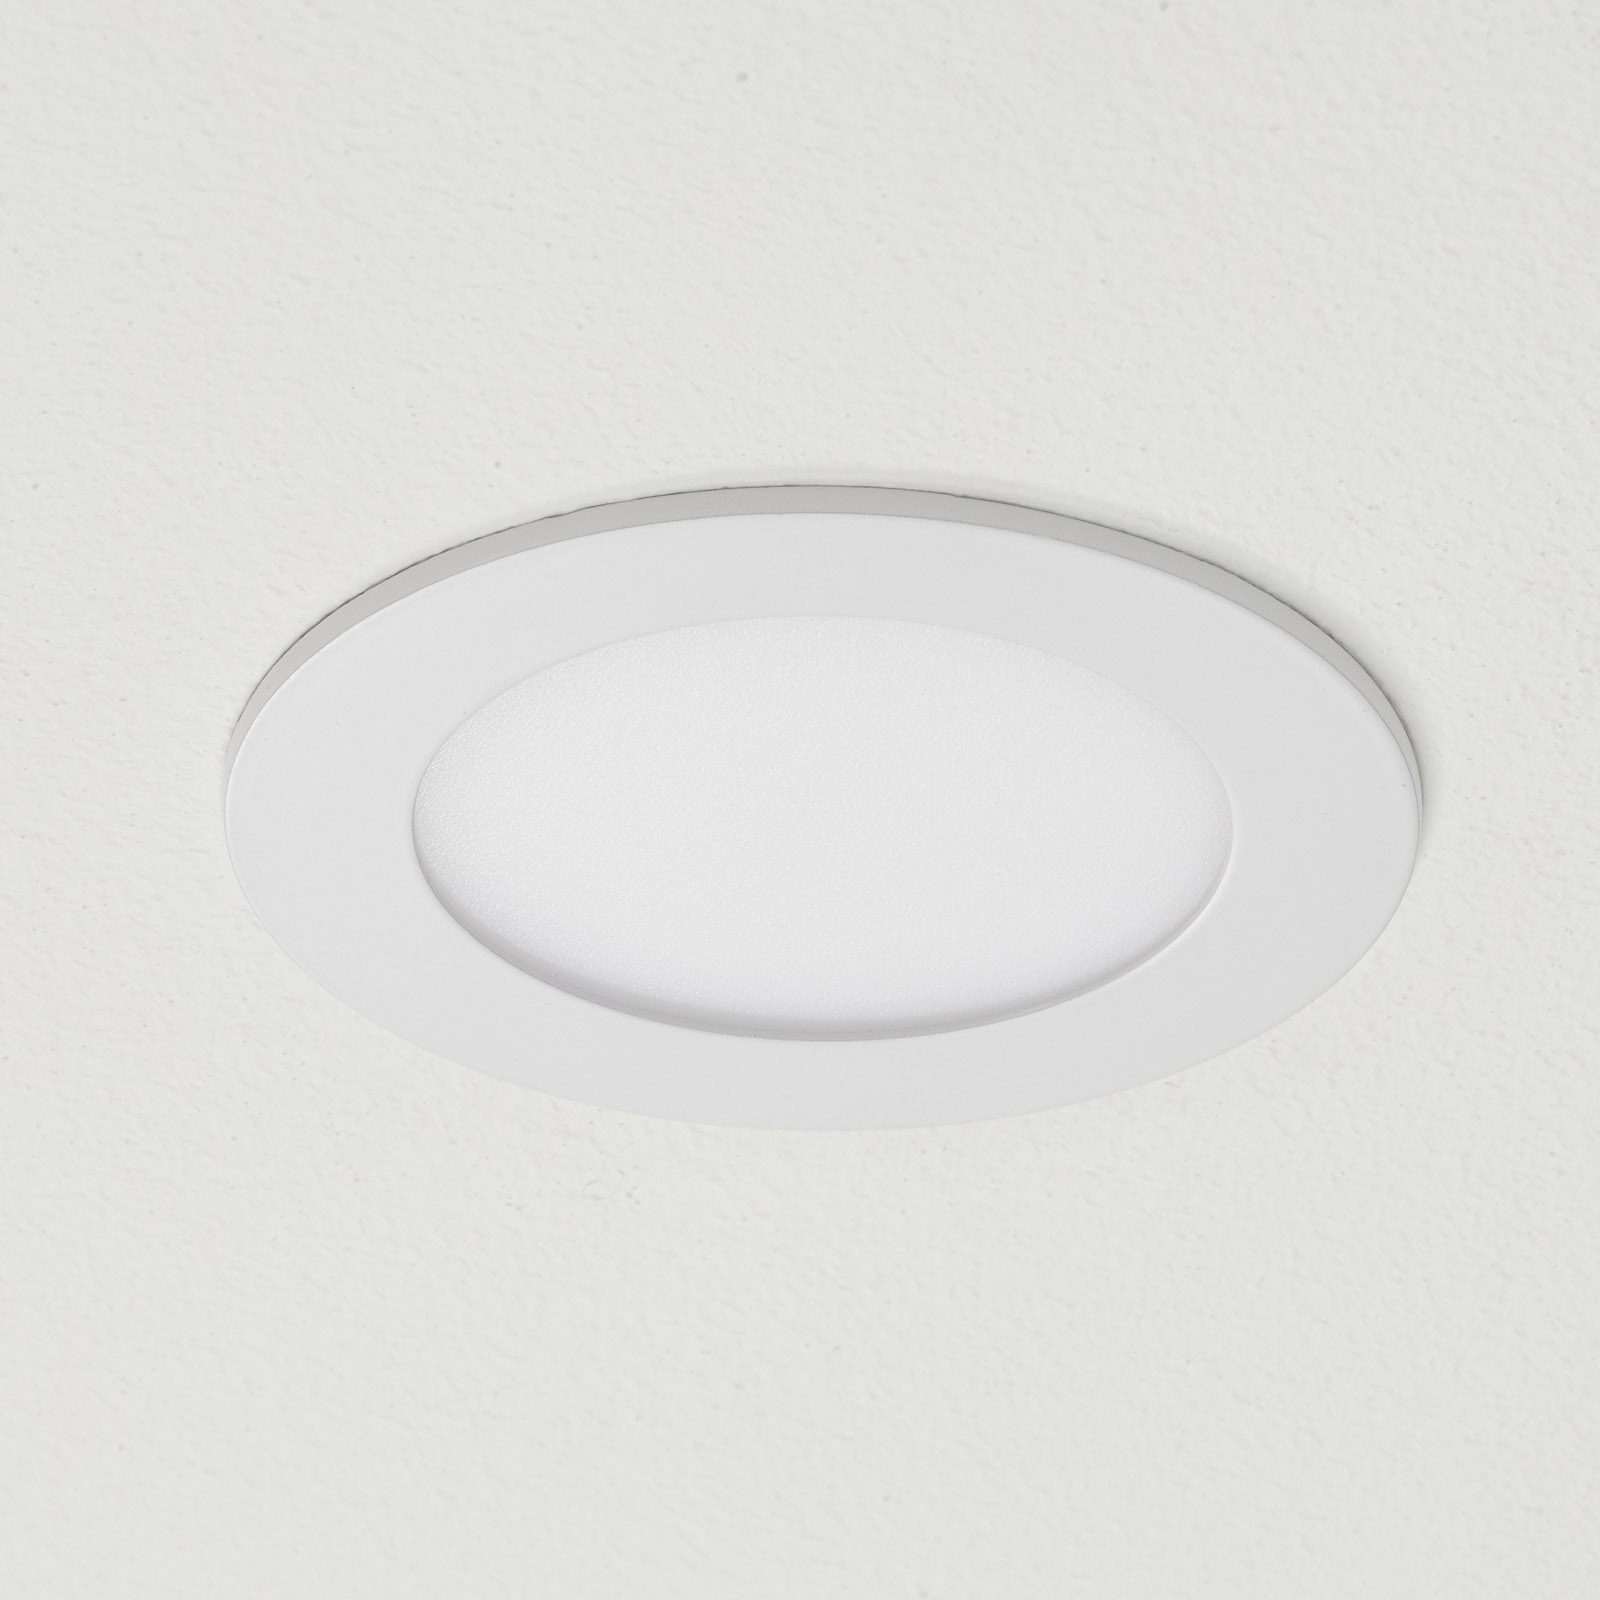 EGLO connect Fueva-C LED-Einbauleuchte weiß 12cm